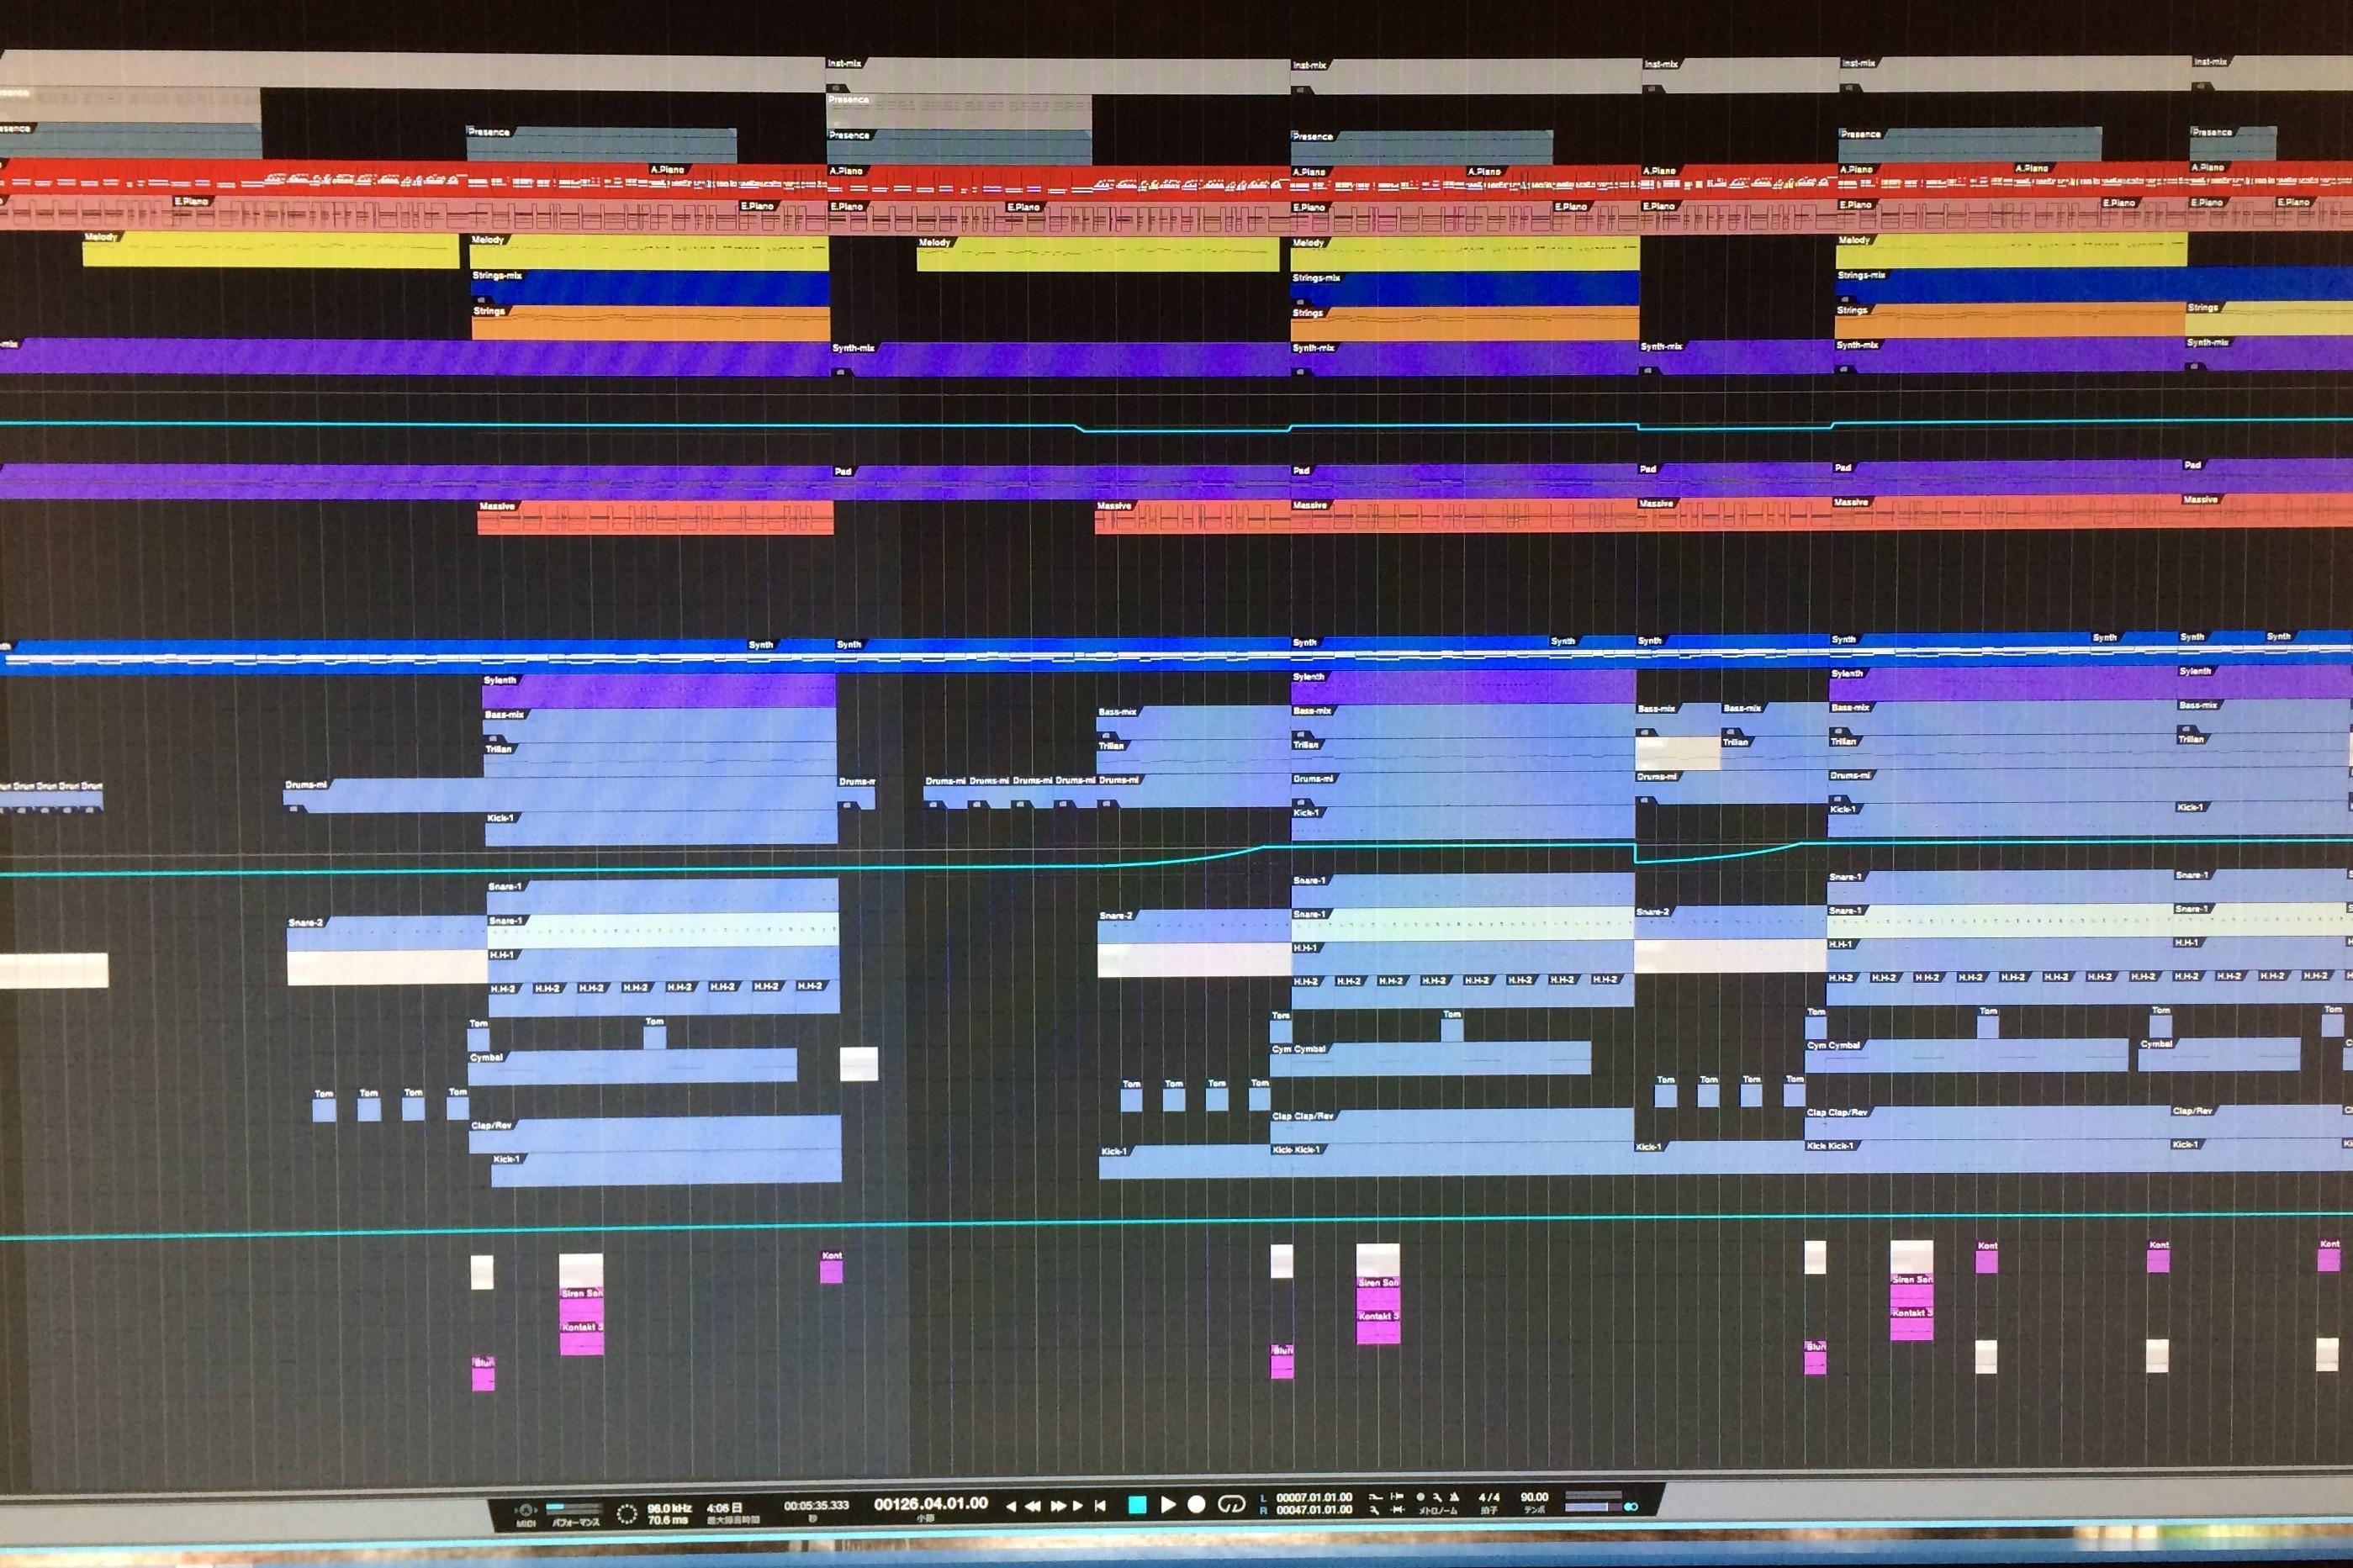 100曲オリジナル編 会費(6ヶ月) - 画像3